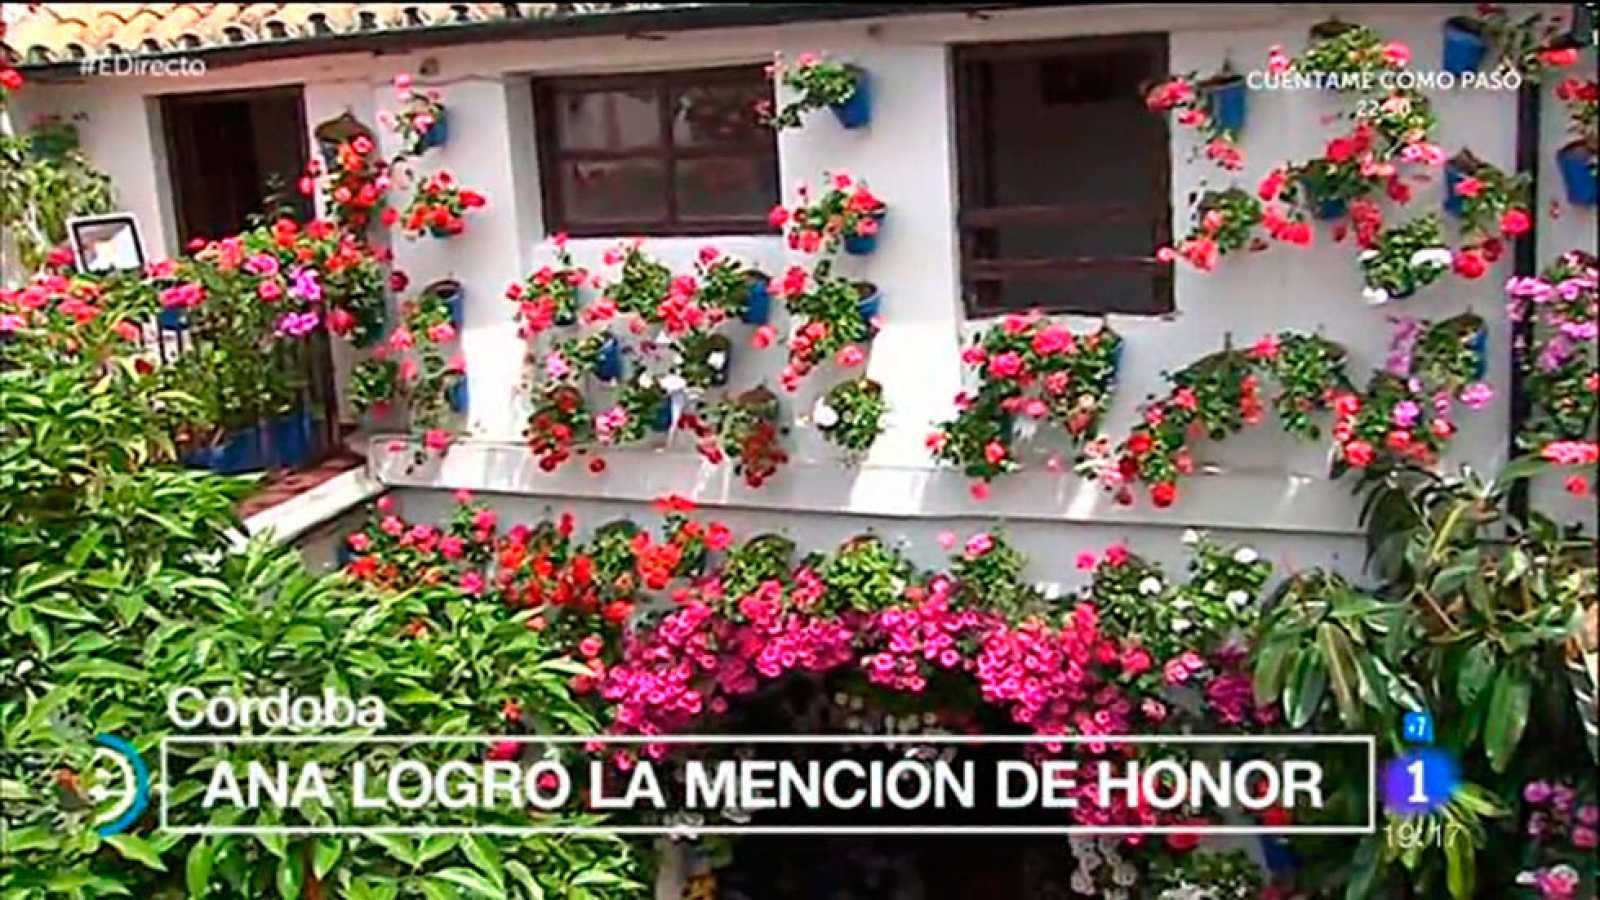 309e51c6f España Directo - Paseamos por los patios de Córdoba